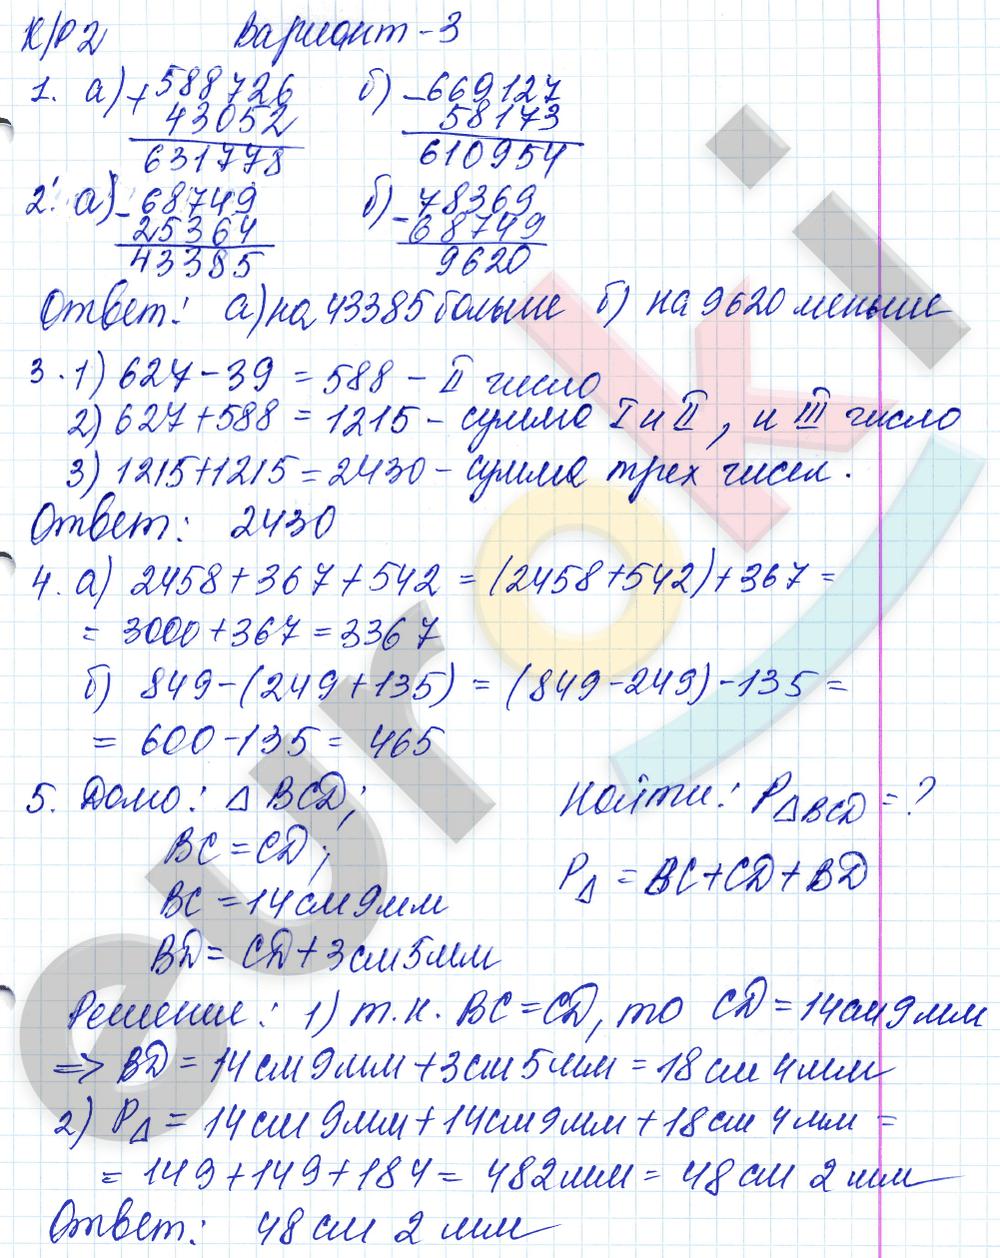 ГДЗ по математике 5 класс контрольные работы Дудницын, Кронгауз Экзамен ответы и решения онлайн КР-2. Сложение и вычитание натуральных чисел. Задание: Вариант 3